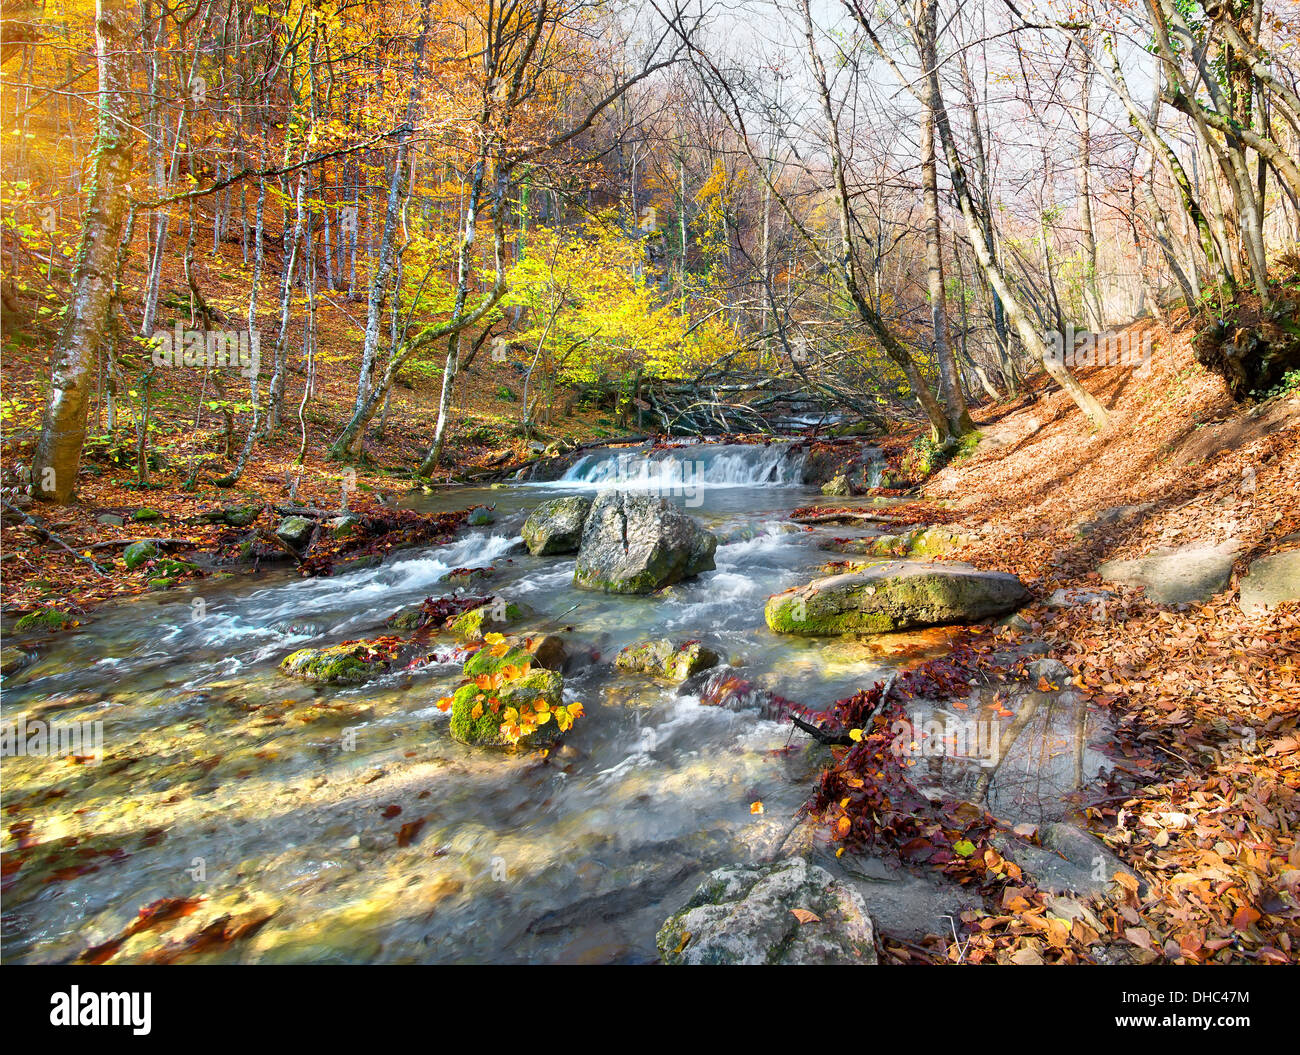 Hermoso río rápido en un bosque de montaña al amanecer. Foto de stock